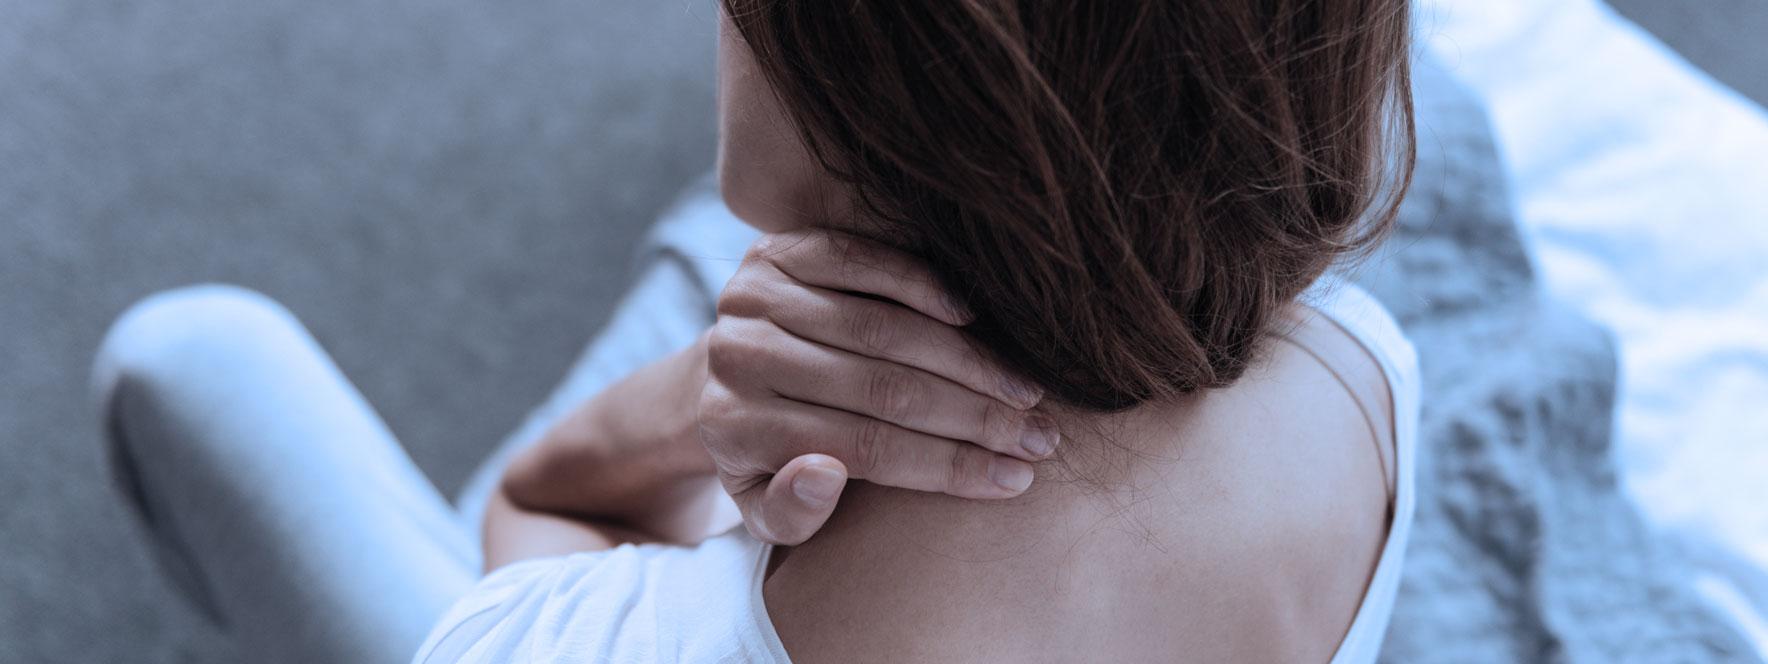 Les douleurs et les courbatures après le massage - Blogue du Réseau